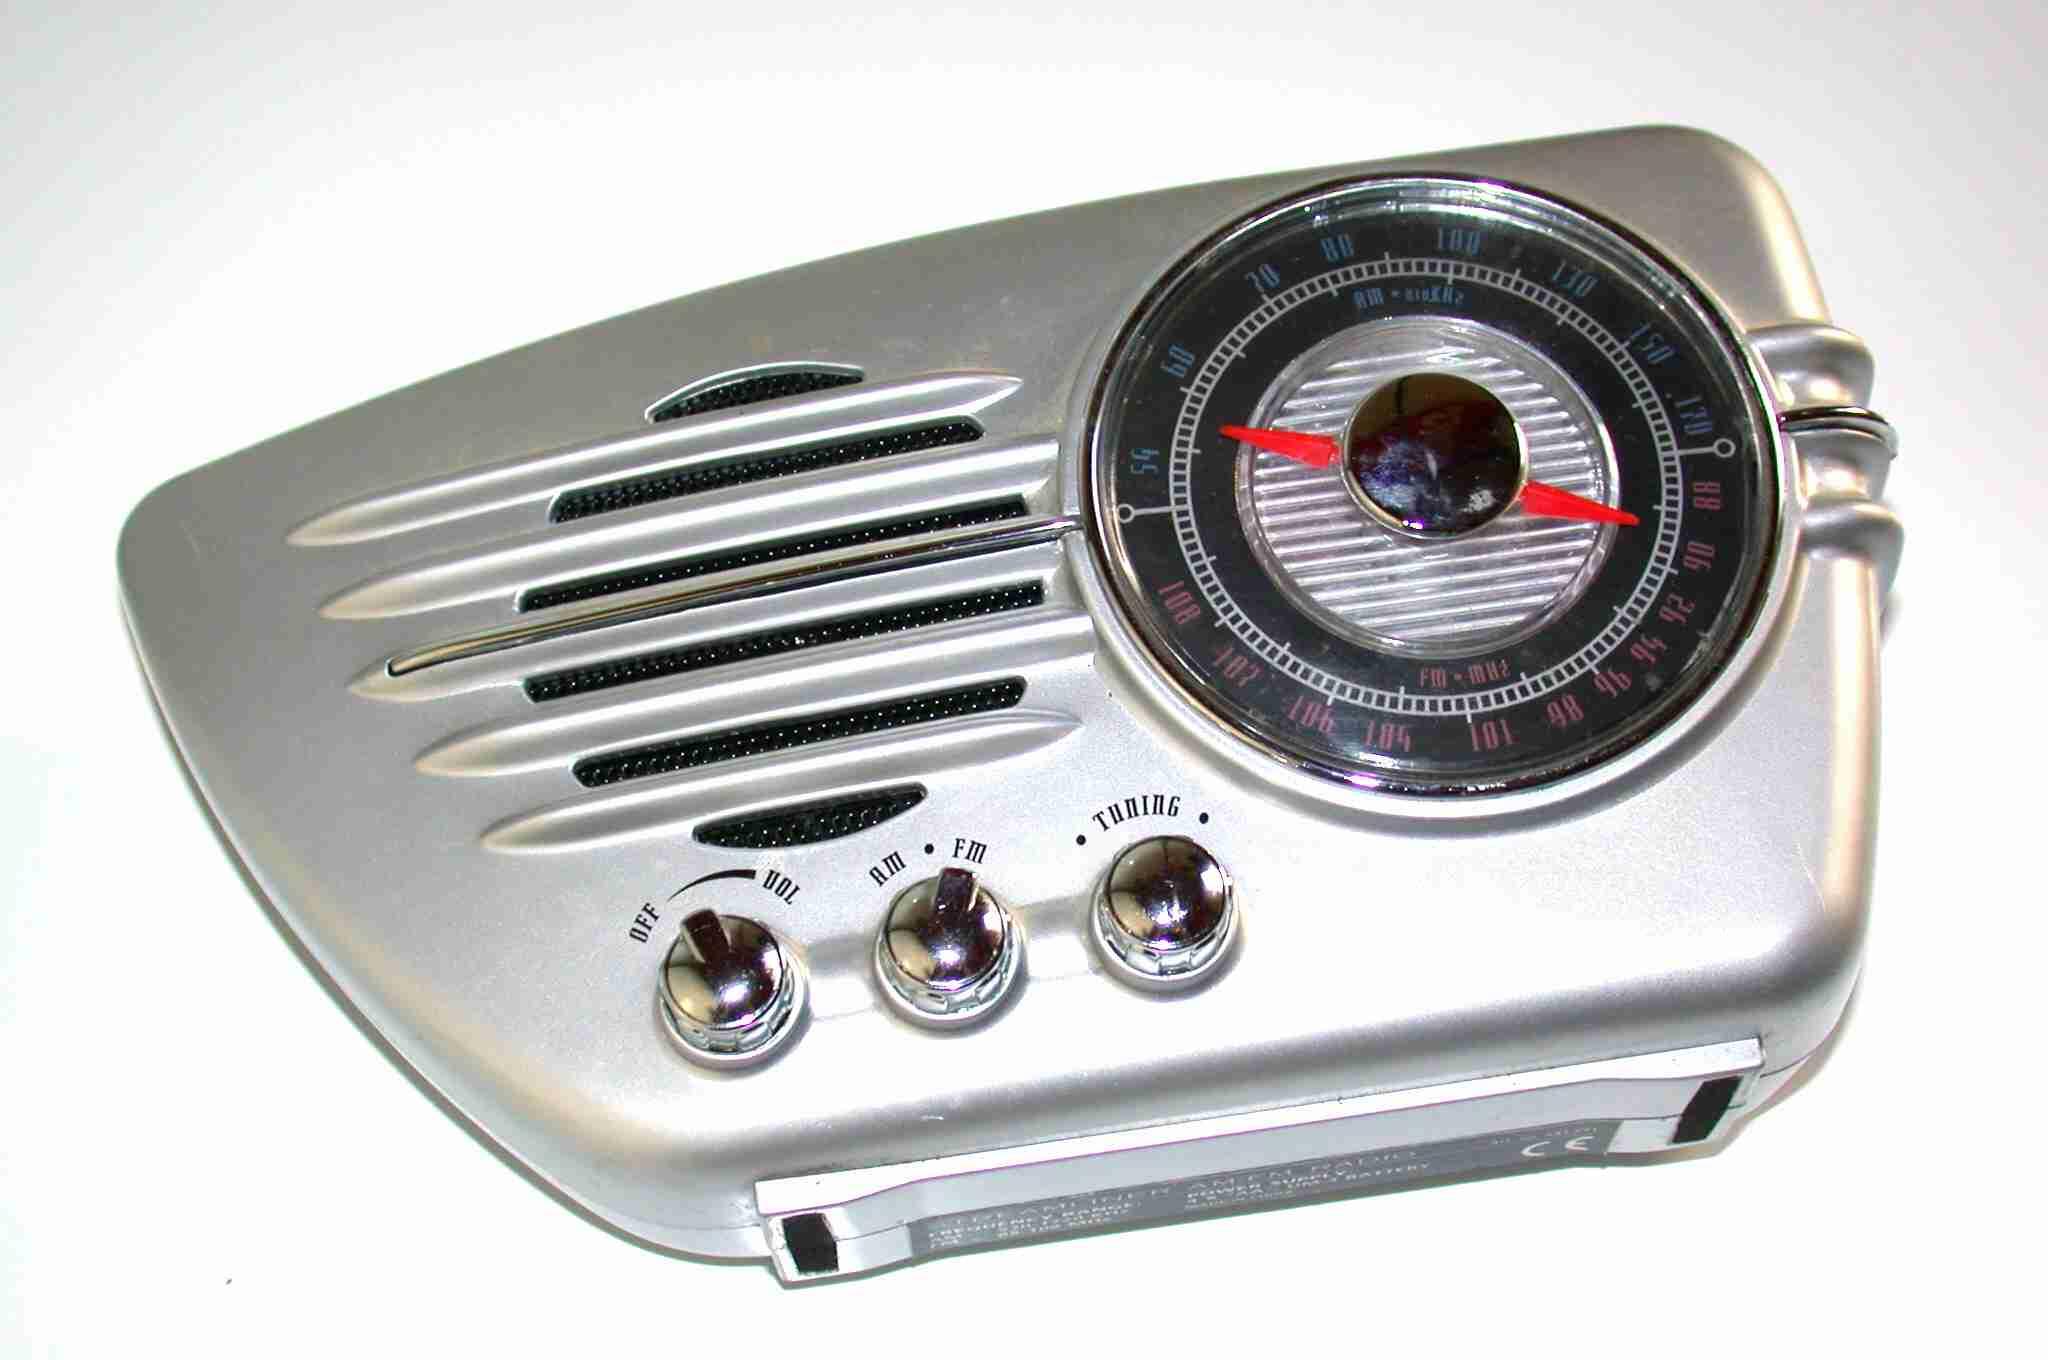 Banco de imágenes y sonidos (INTEF)